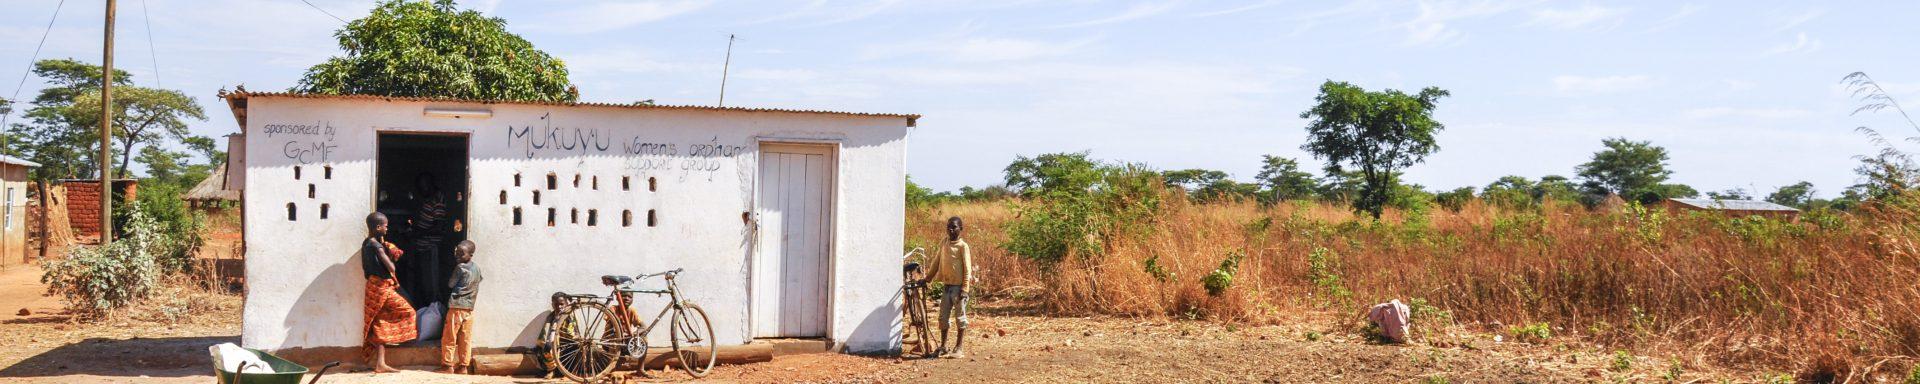 Schuur van een maismolen in Tanzania met kinderen